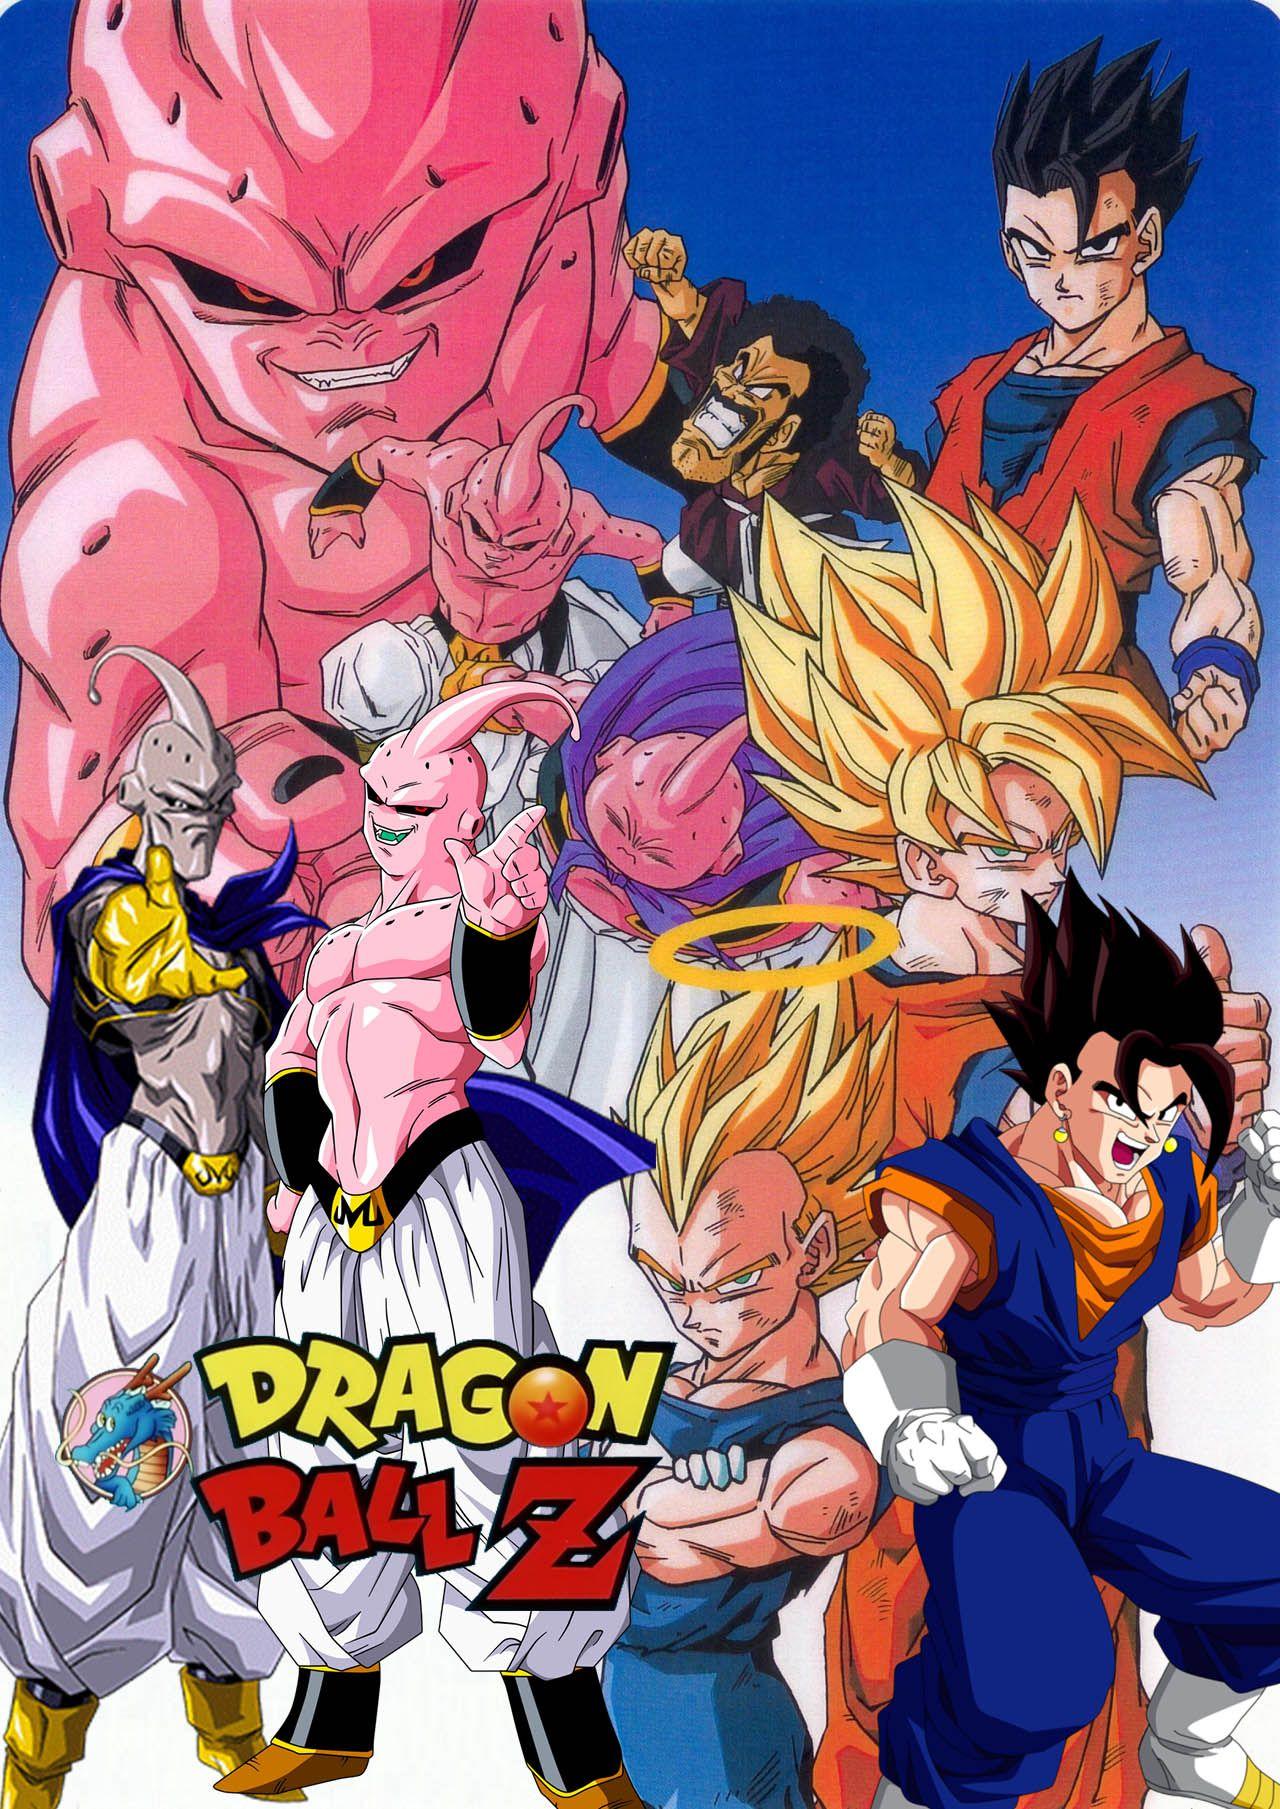 Dbz La Saga De Majin Boo Desenhos Dragonball Anime Goku Desenho